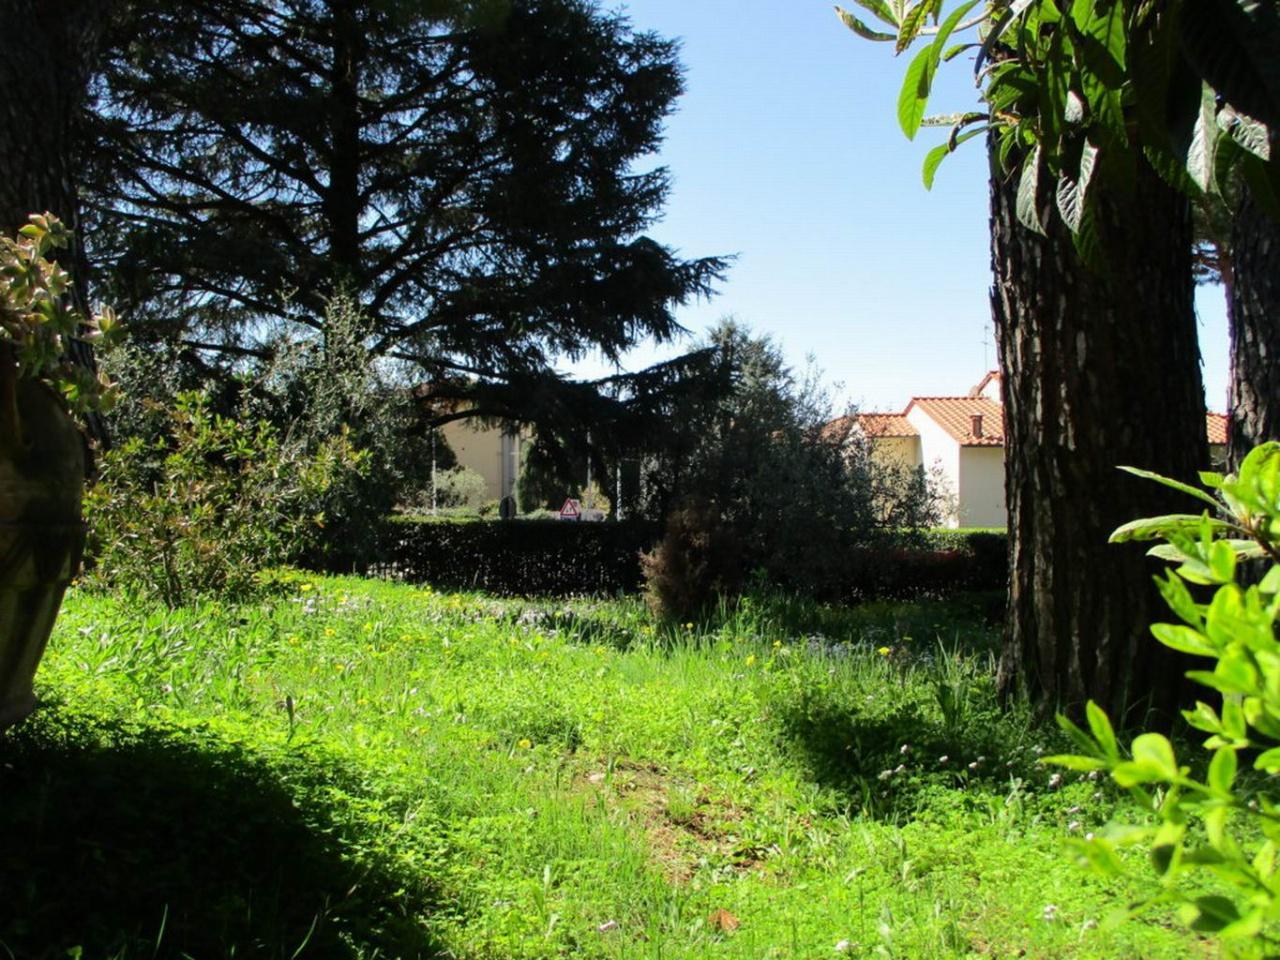 Villa - Casa, €800.000, Vendita - Prato (PO)